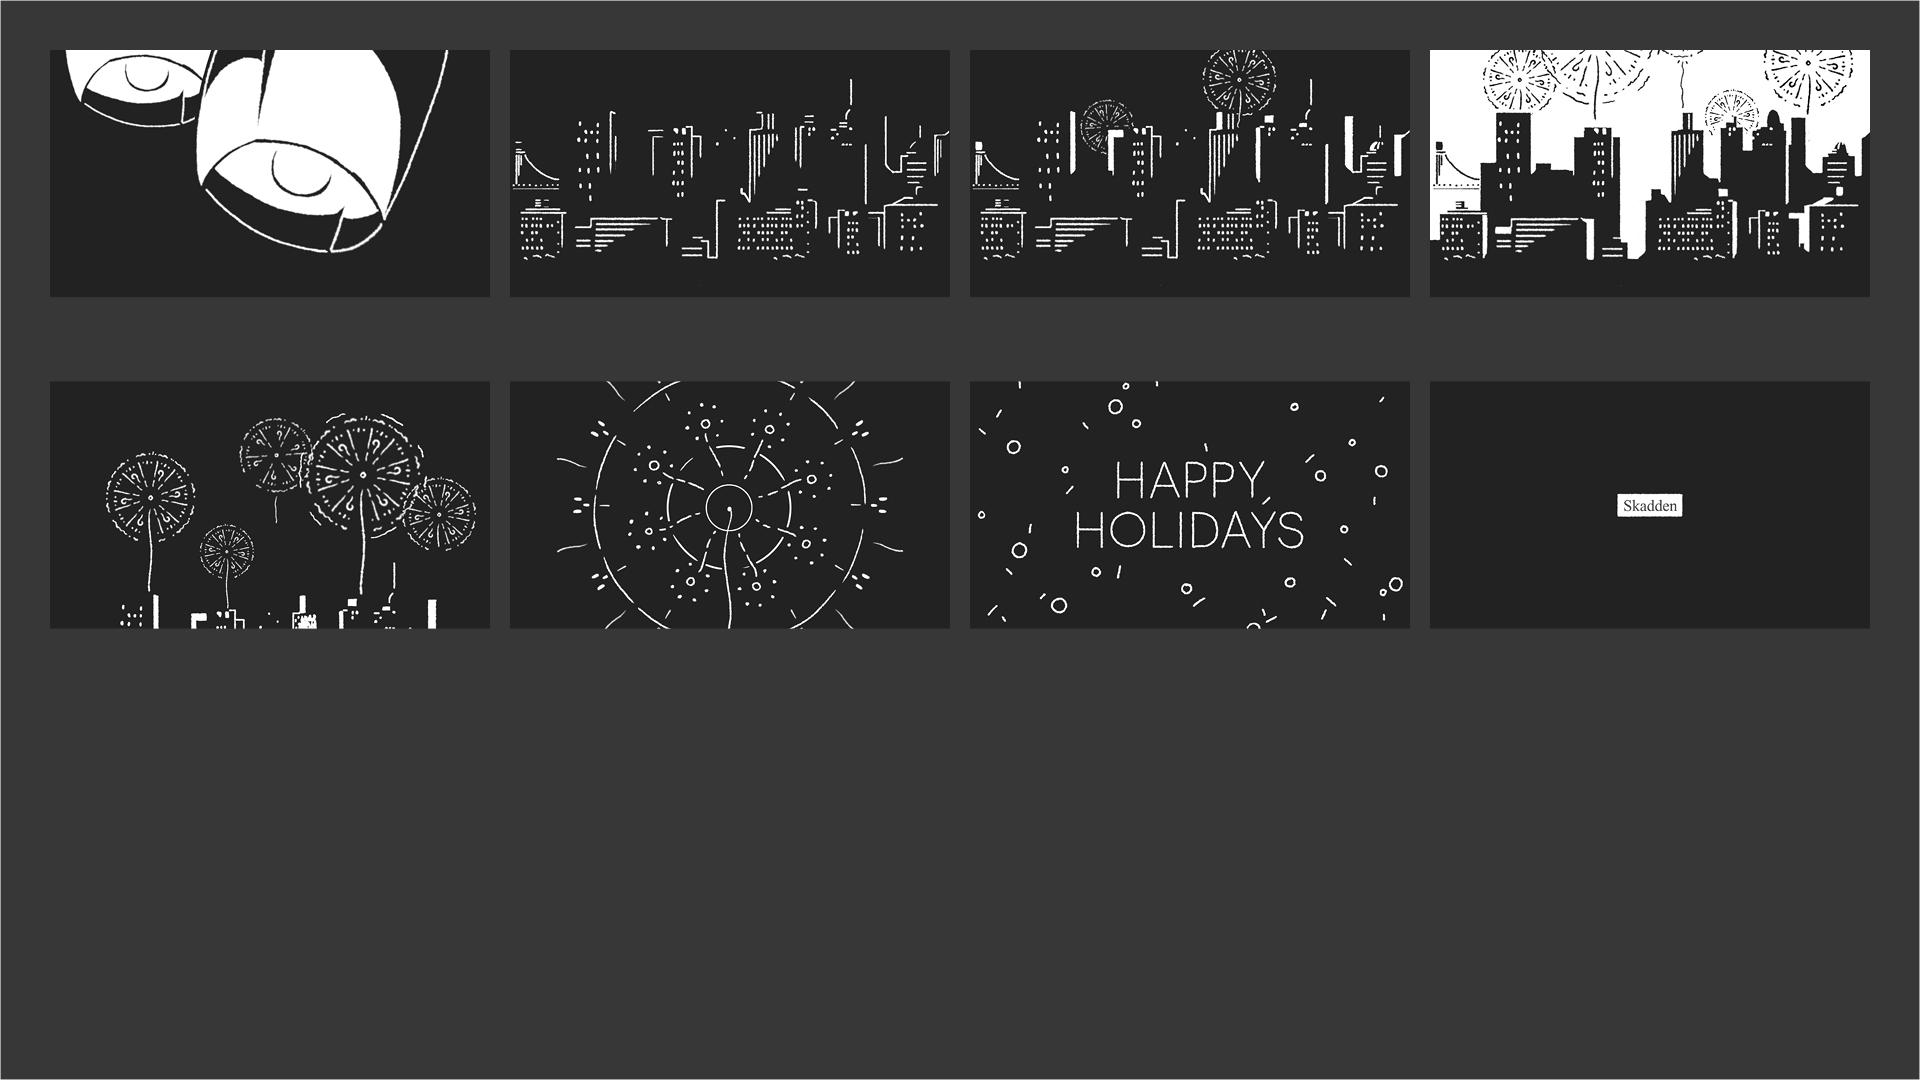 Skadden - Holiday 2014 Storyboard 02